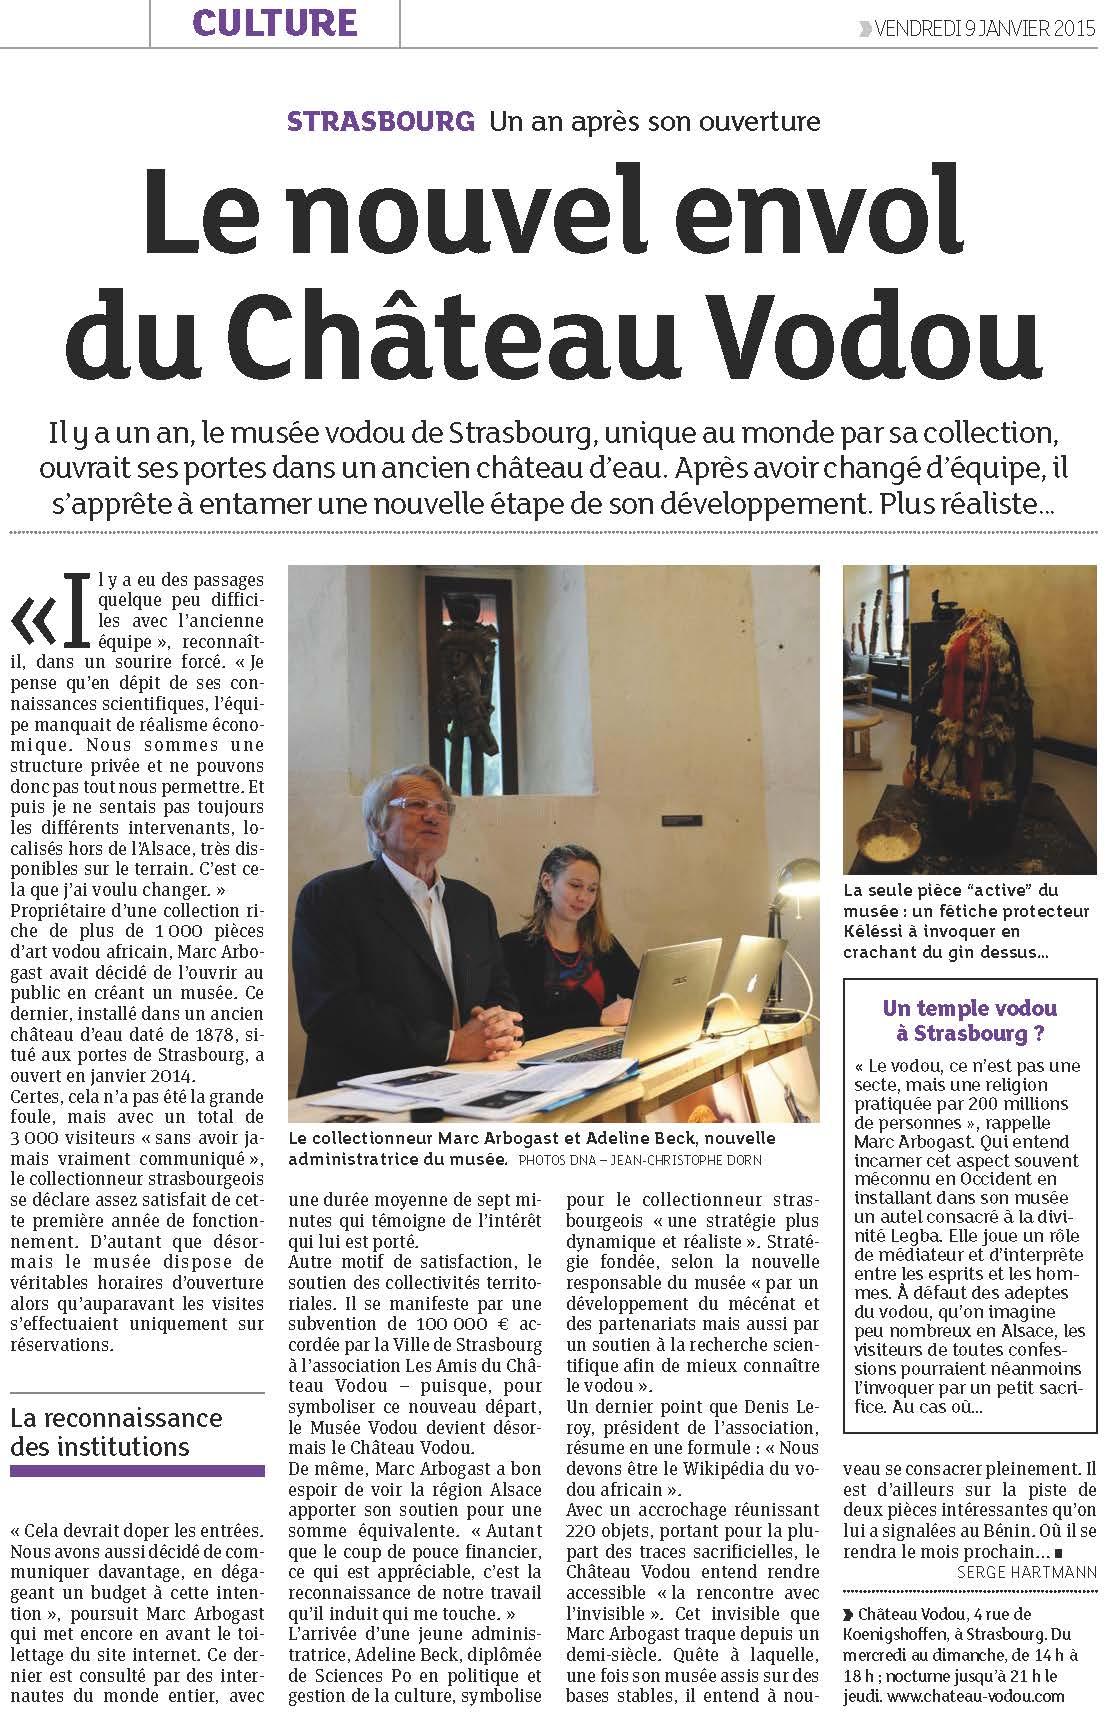 DNA 090115 - Le nouvel envol du Château Vodou